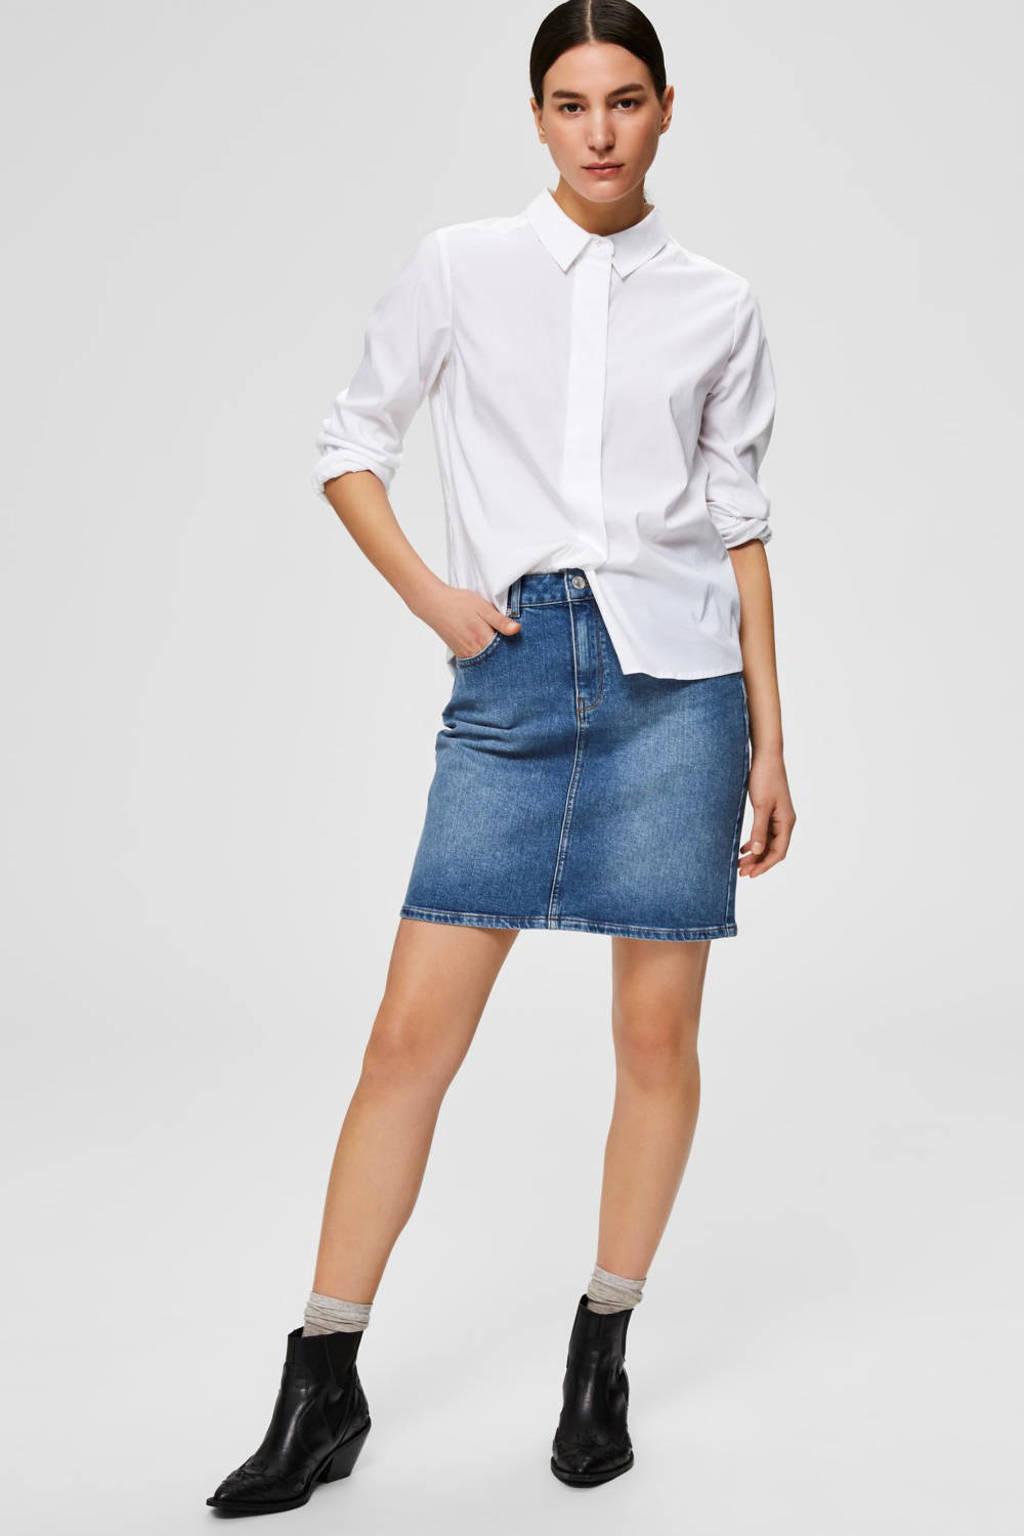 SELECTED FEMME spijkerrok SLFKENNA medium blue denim, Blauw